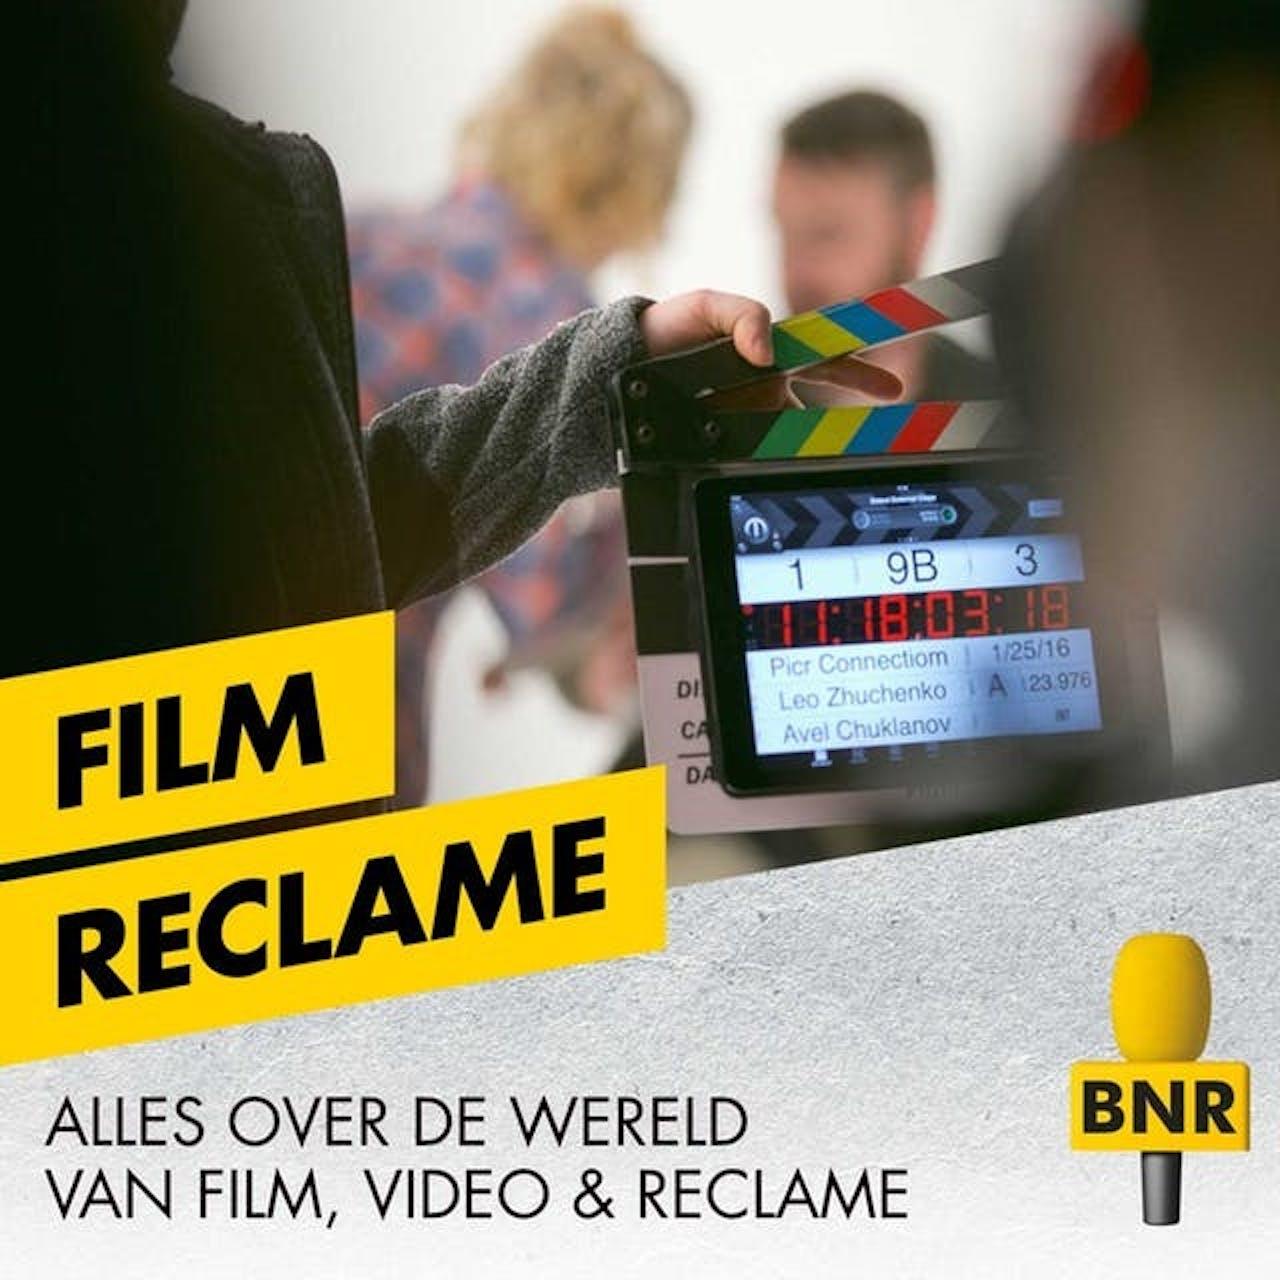 Alles over de wereld van film, video & reclame